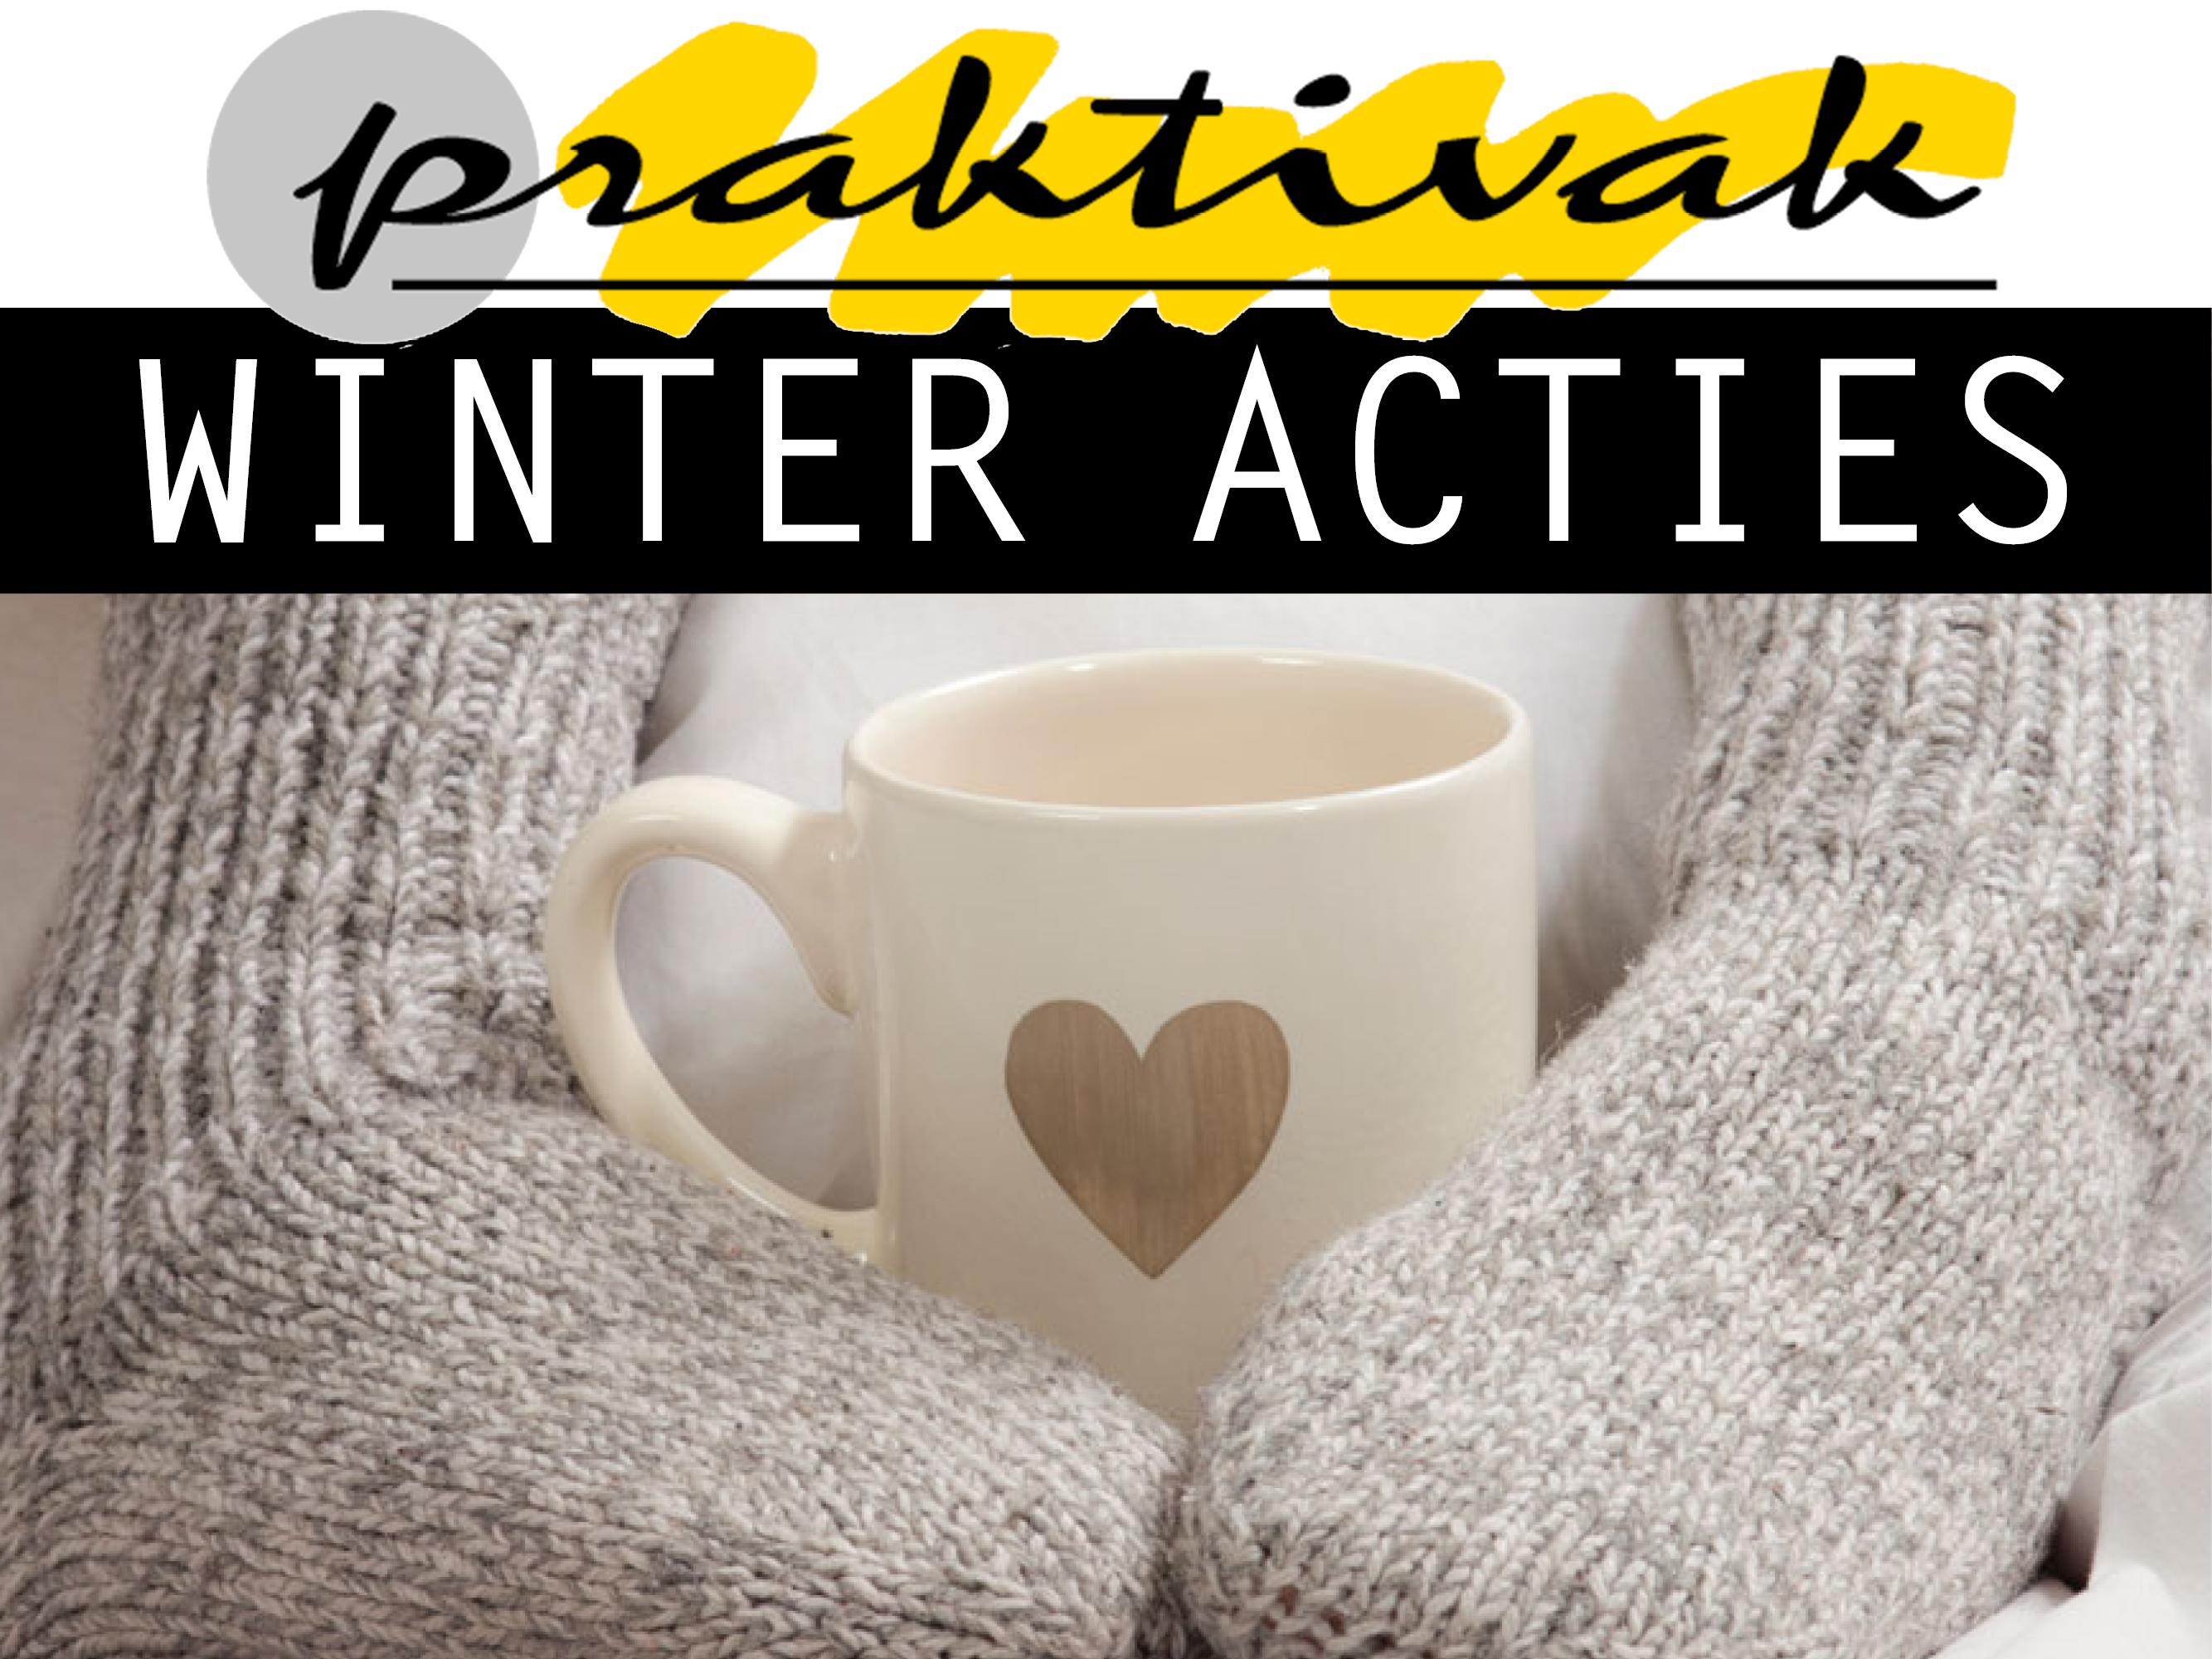 Winter acties